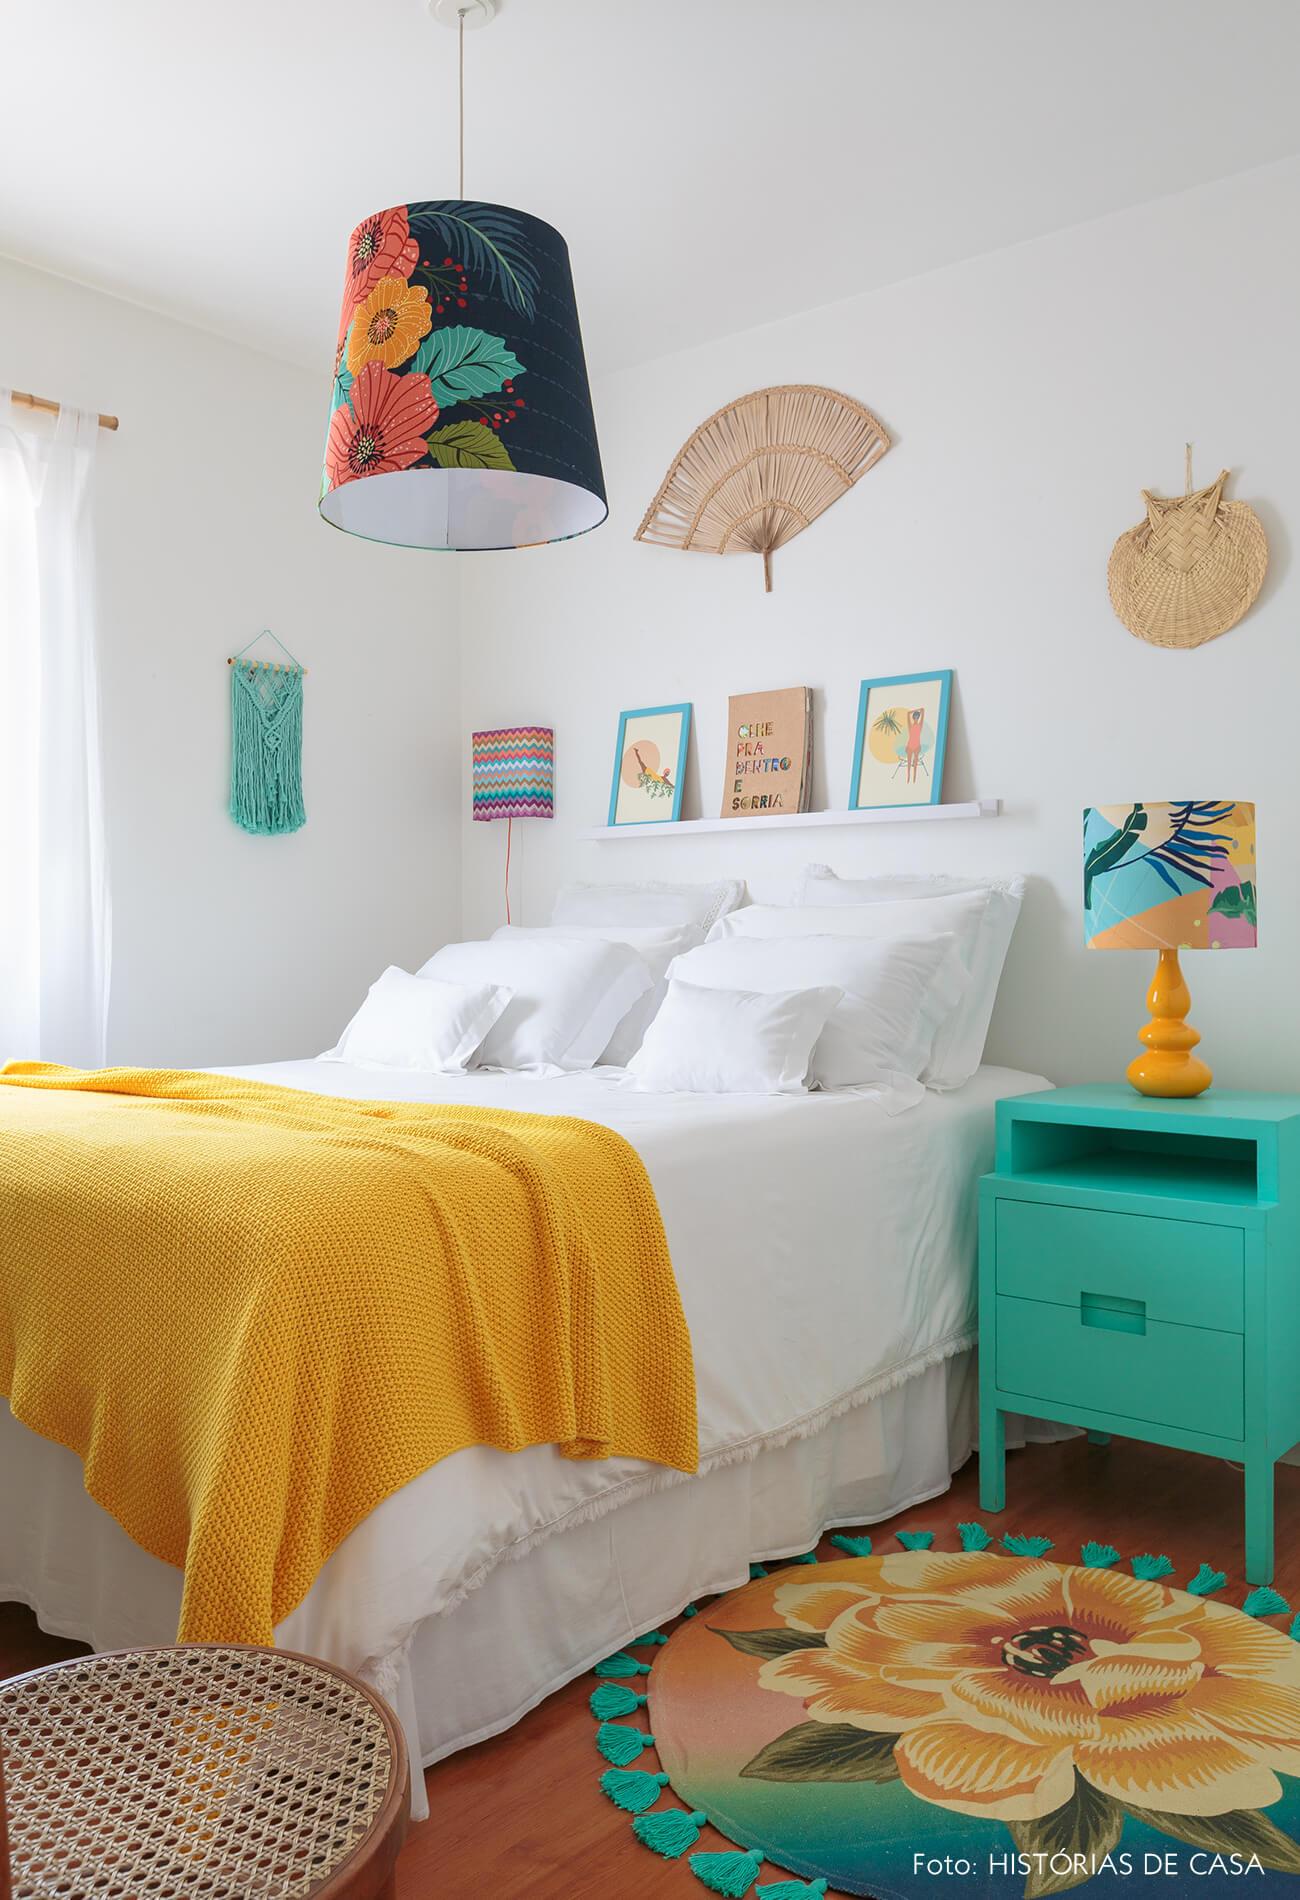 decoração praiana quarto com cadeira thonet, tapete e luminarias coloridos